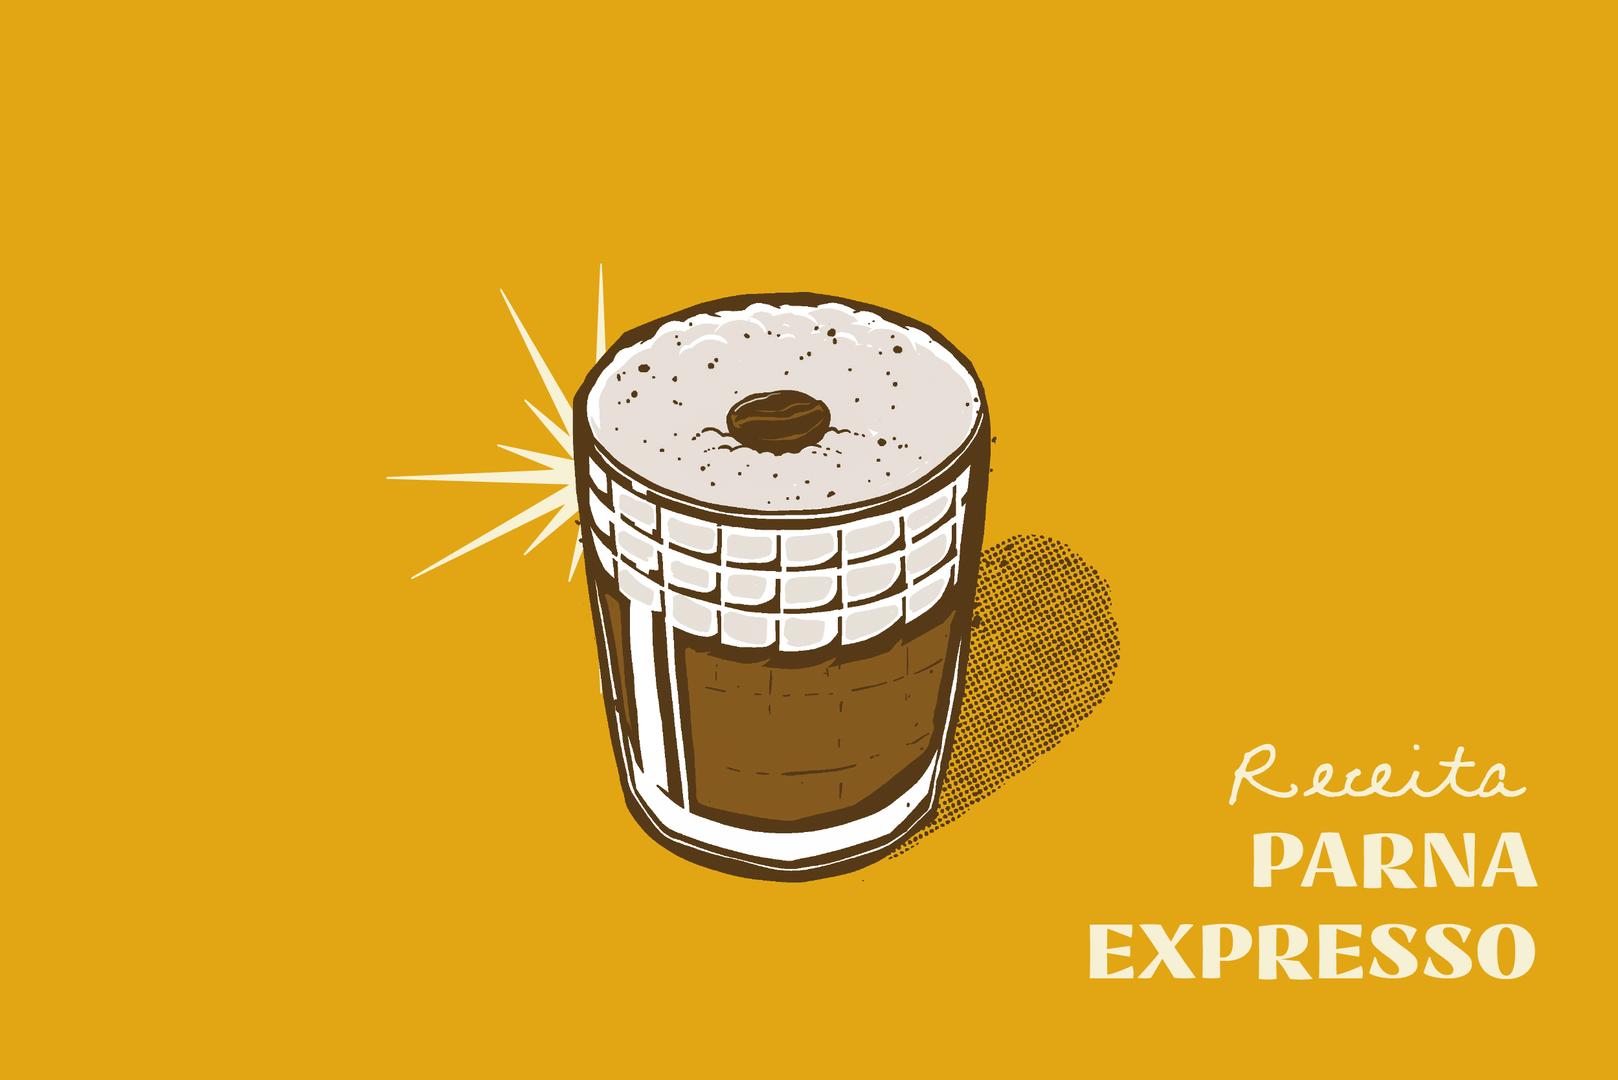 Parna Expresso